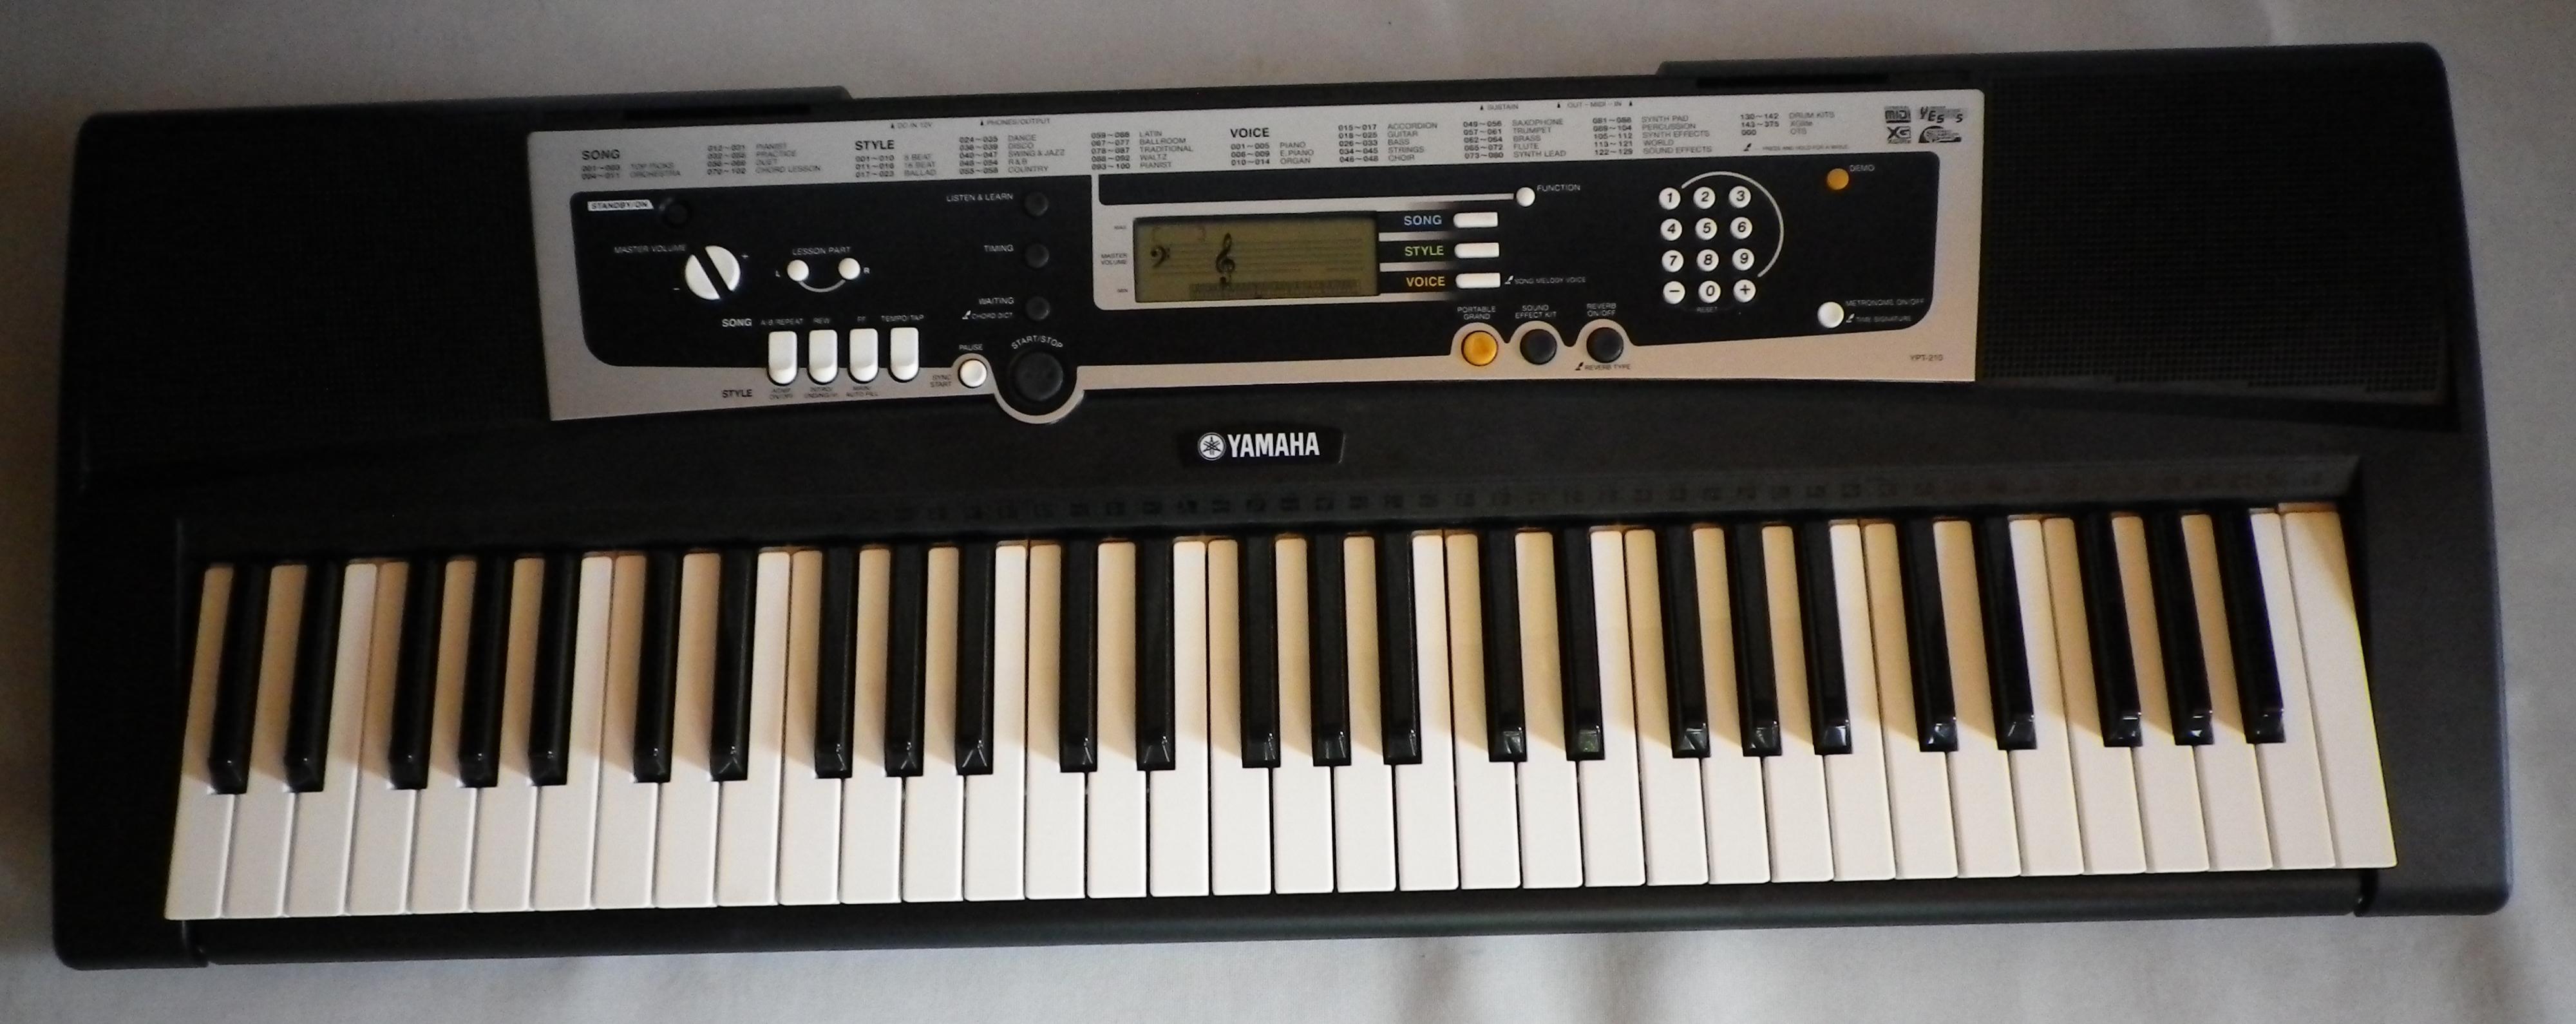 Yamaha ypt 210 image 264039 audiofanzine for Yamaha ypt 210 manual